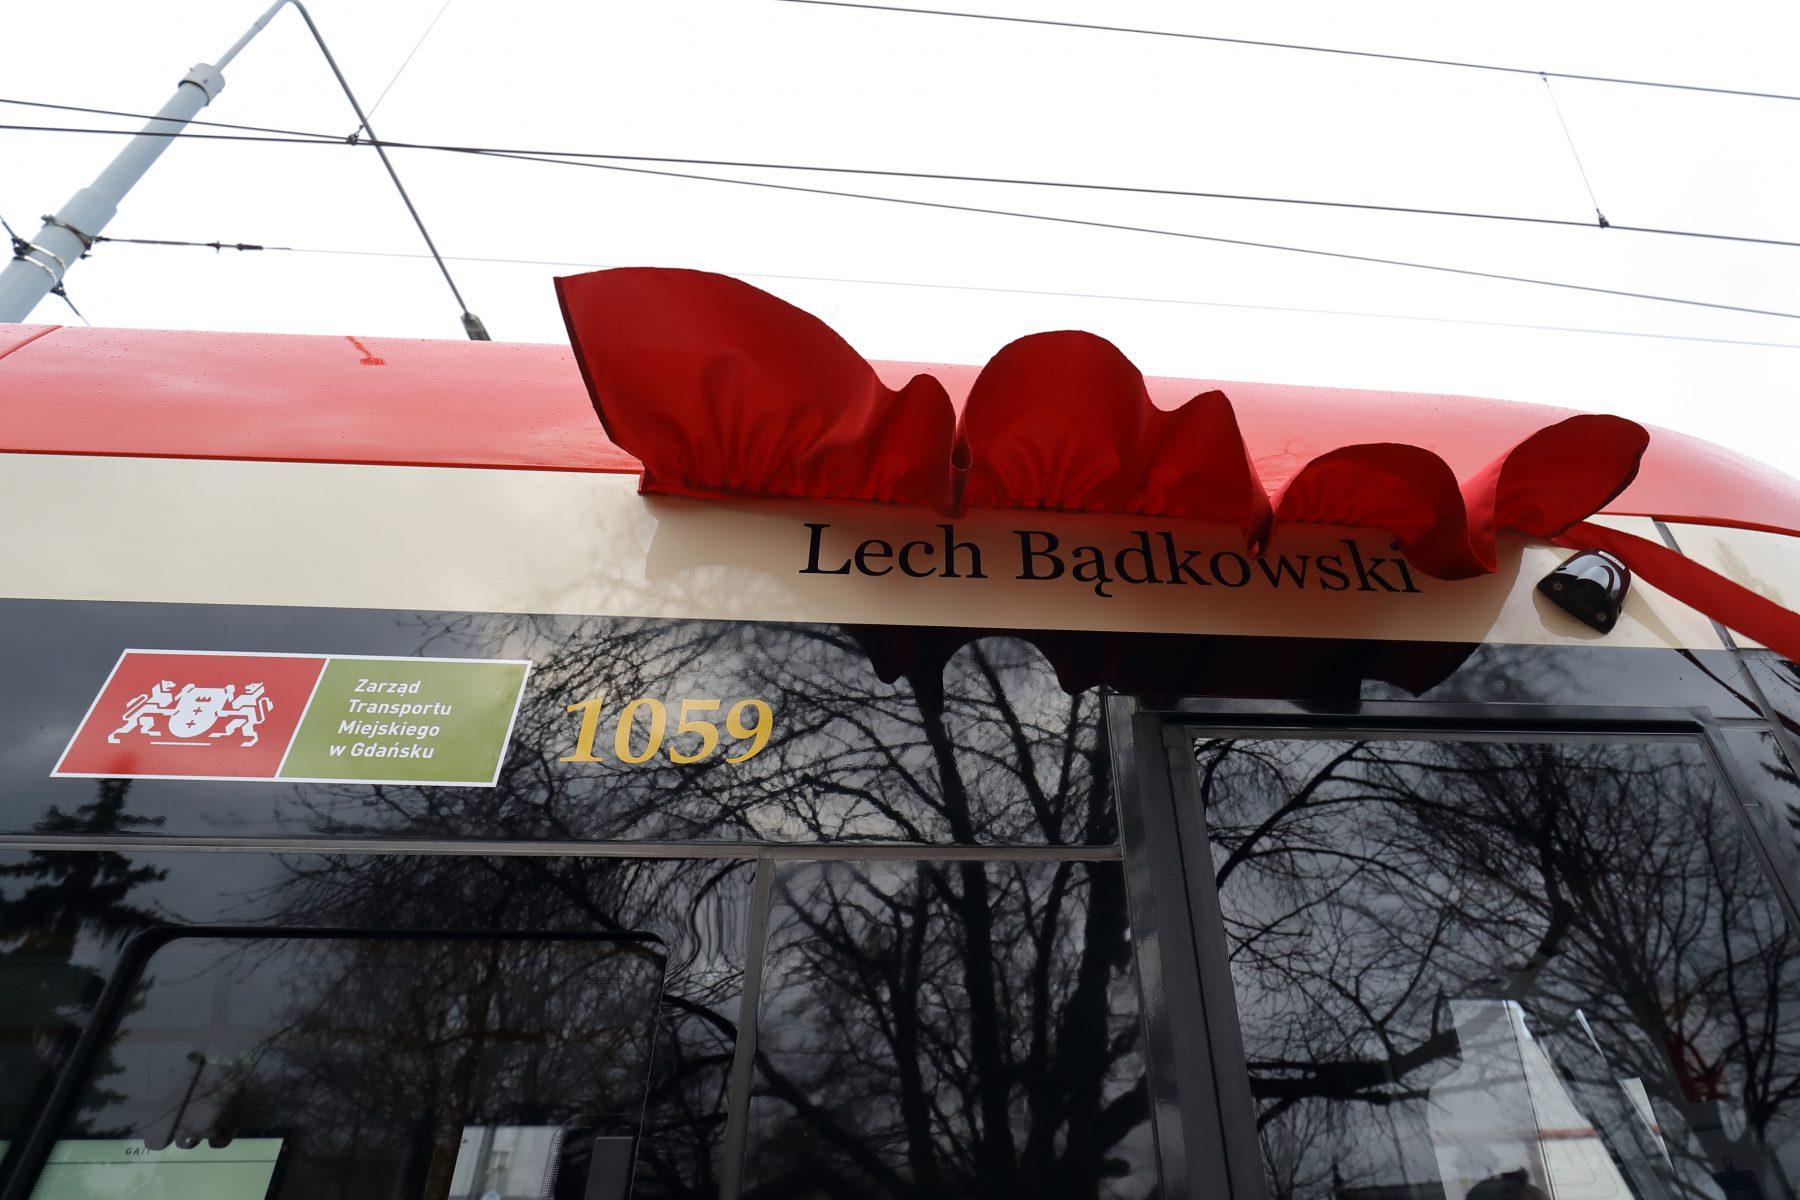 Nadanie tramwajowi imienia Lecha Bądkowskiego Grzegorz Mehring / www.gdansk.pl